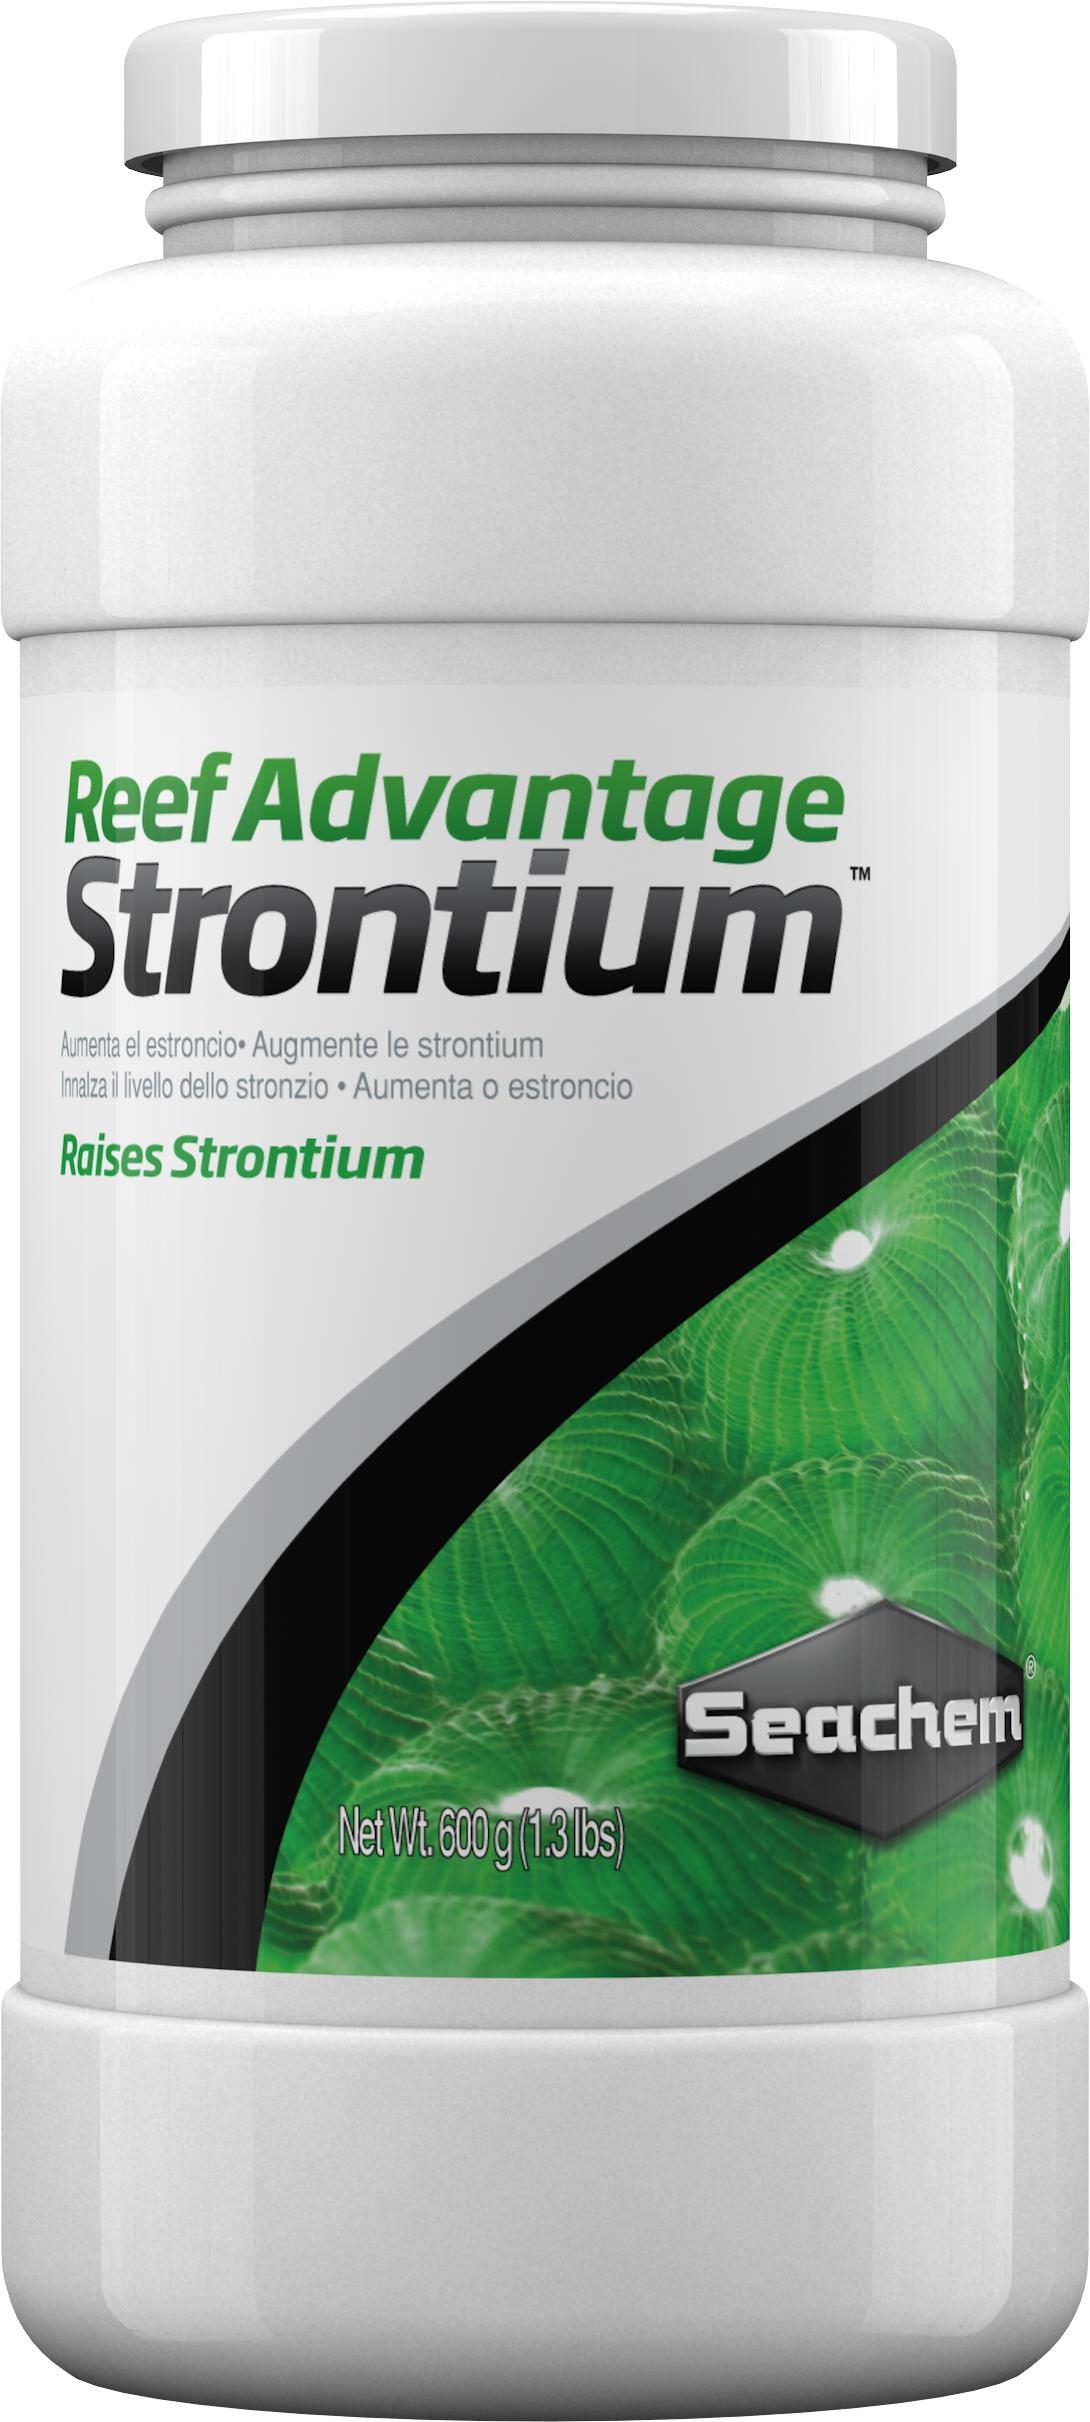 SEACHEM Reef Advantage Strontium 1,2 kg restaure / maintien le Strontium à un niveau proche de l\'eau de mer naturelle